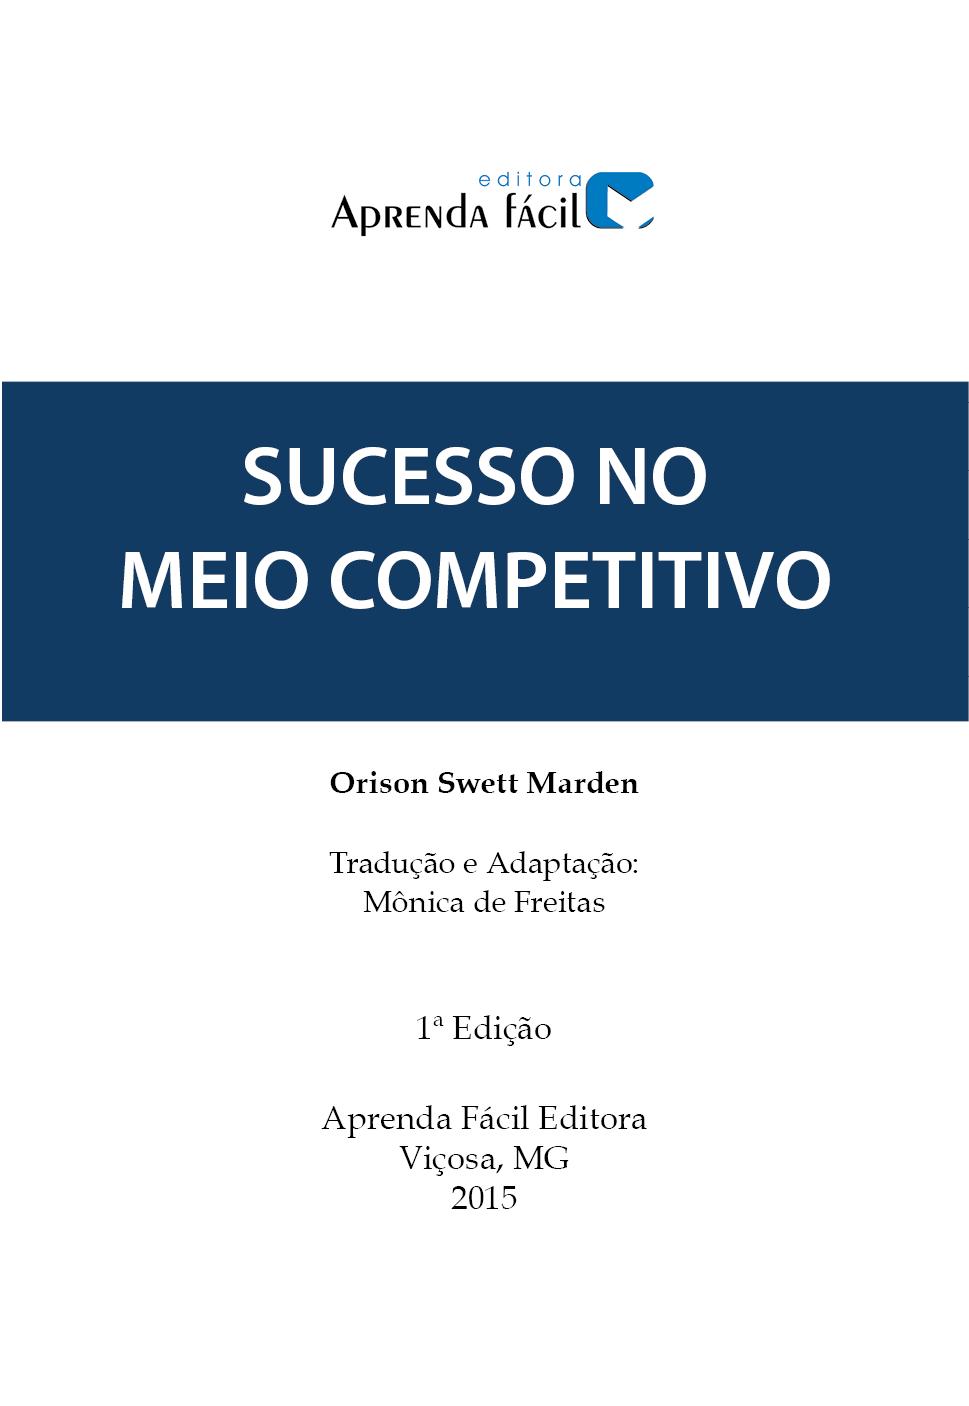 Sucesso no Meio Competitivo - Como Pessoas Comuns Conseguiram Alcançar o Sucesso que Tanto Desejavam